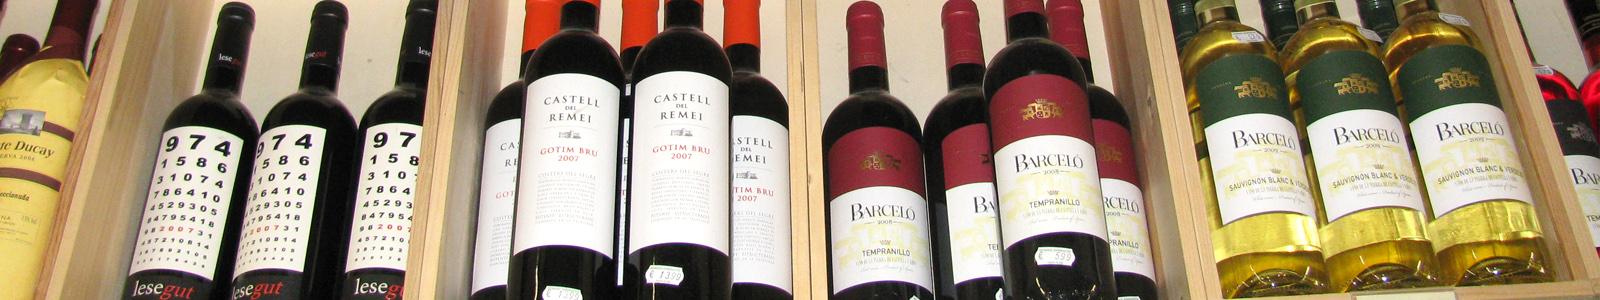 Internationaler, nationaler und regionaler Wein